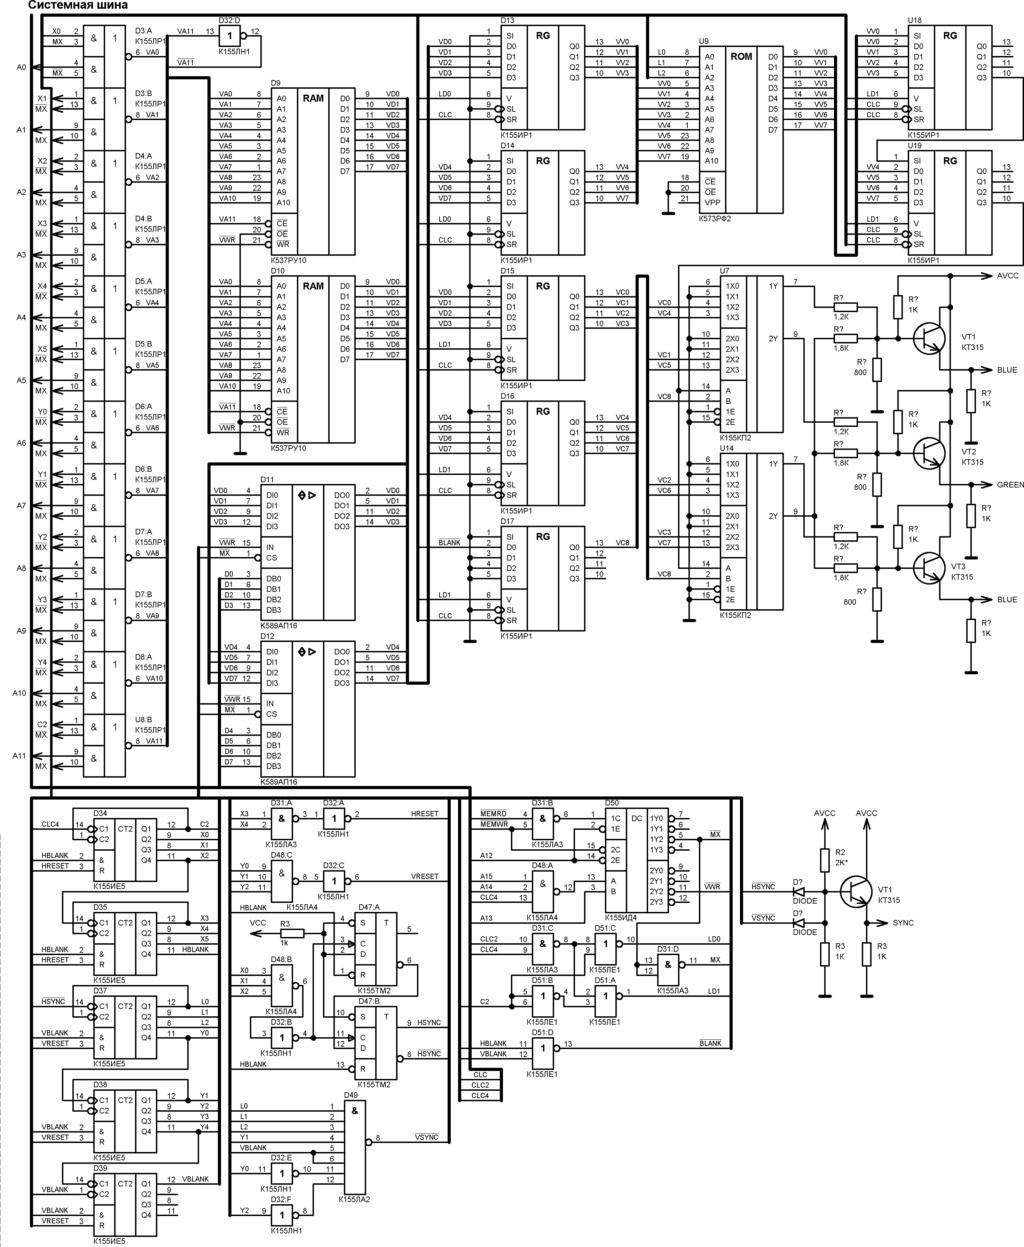 Упрощаем схему Микро-80 и исправляем косяки. И собираем по технологиям 80-х годов. M310